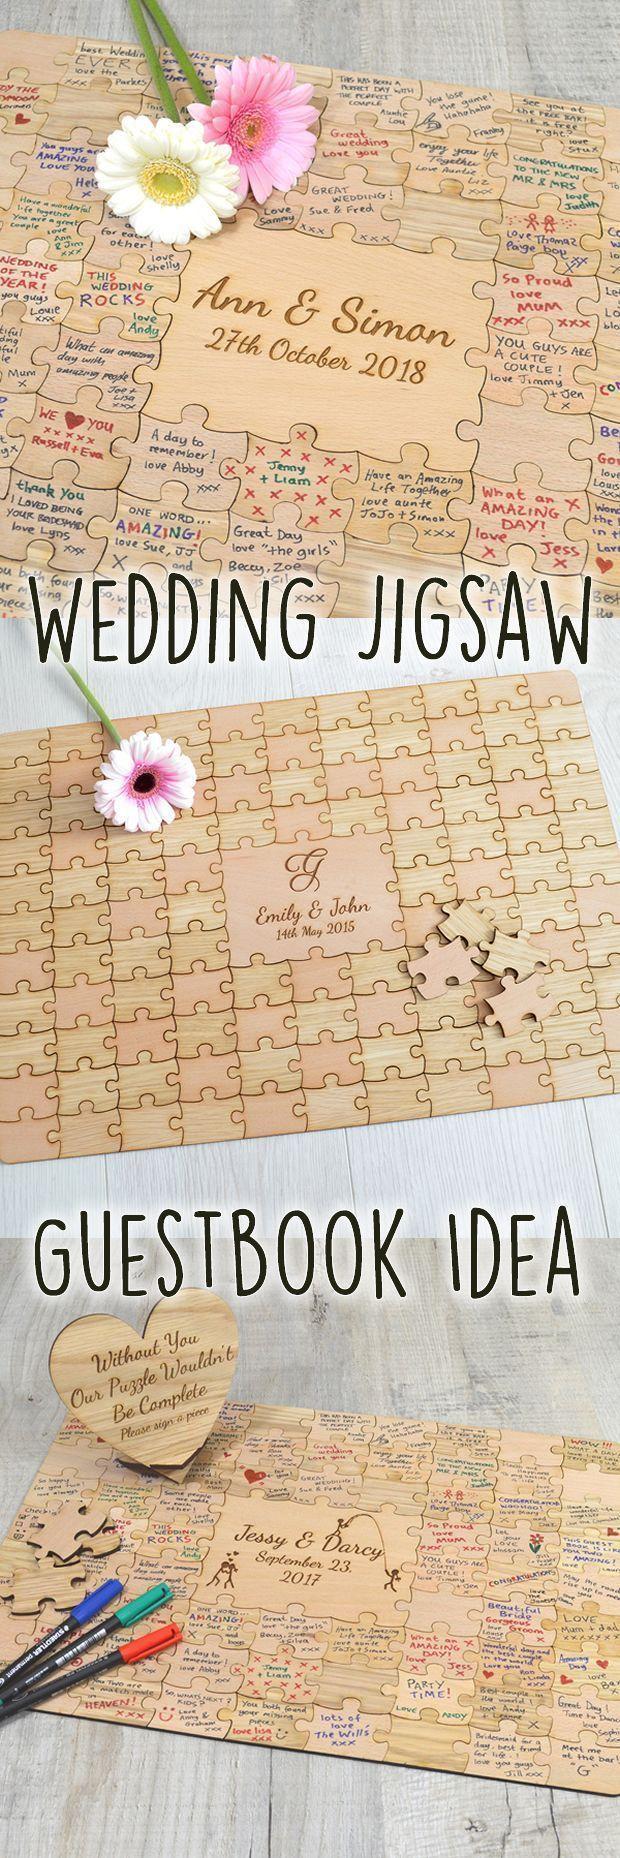 groß Wir stellen Ihnen unser wunderschönes Hochzeitspuzzle-Gästebuch vor. Ganzes zu…